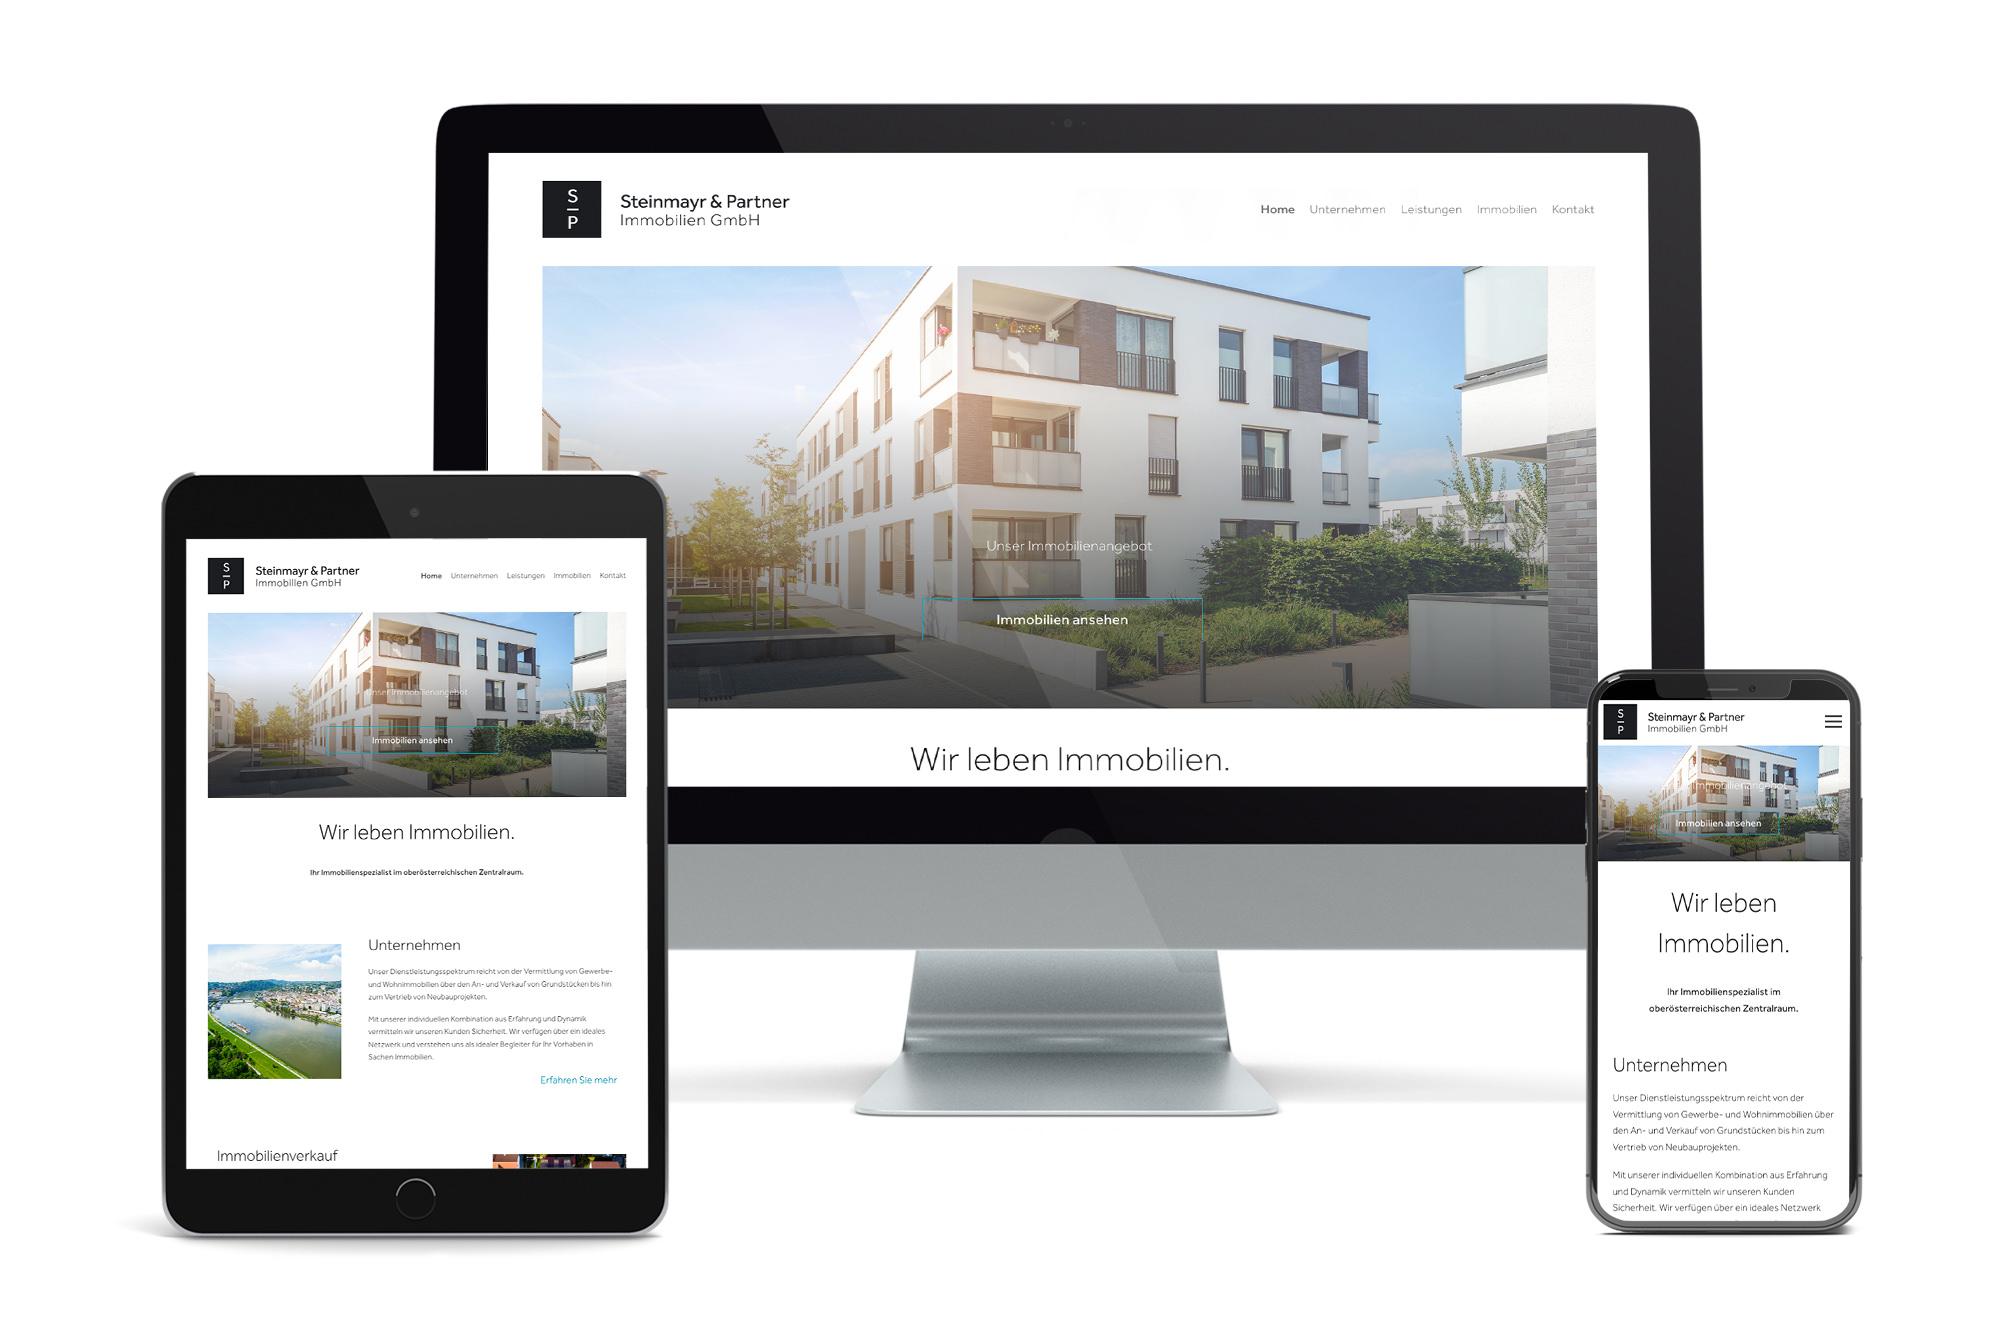 Webdesign Beispiel: Neue Website für Immobilienmakler